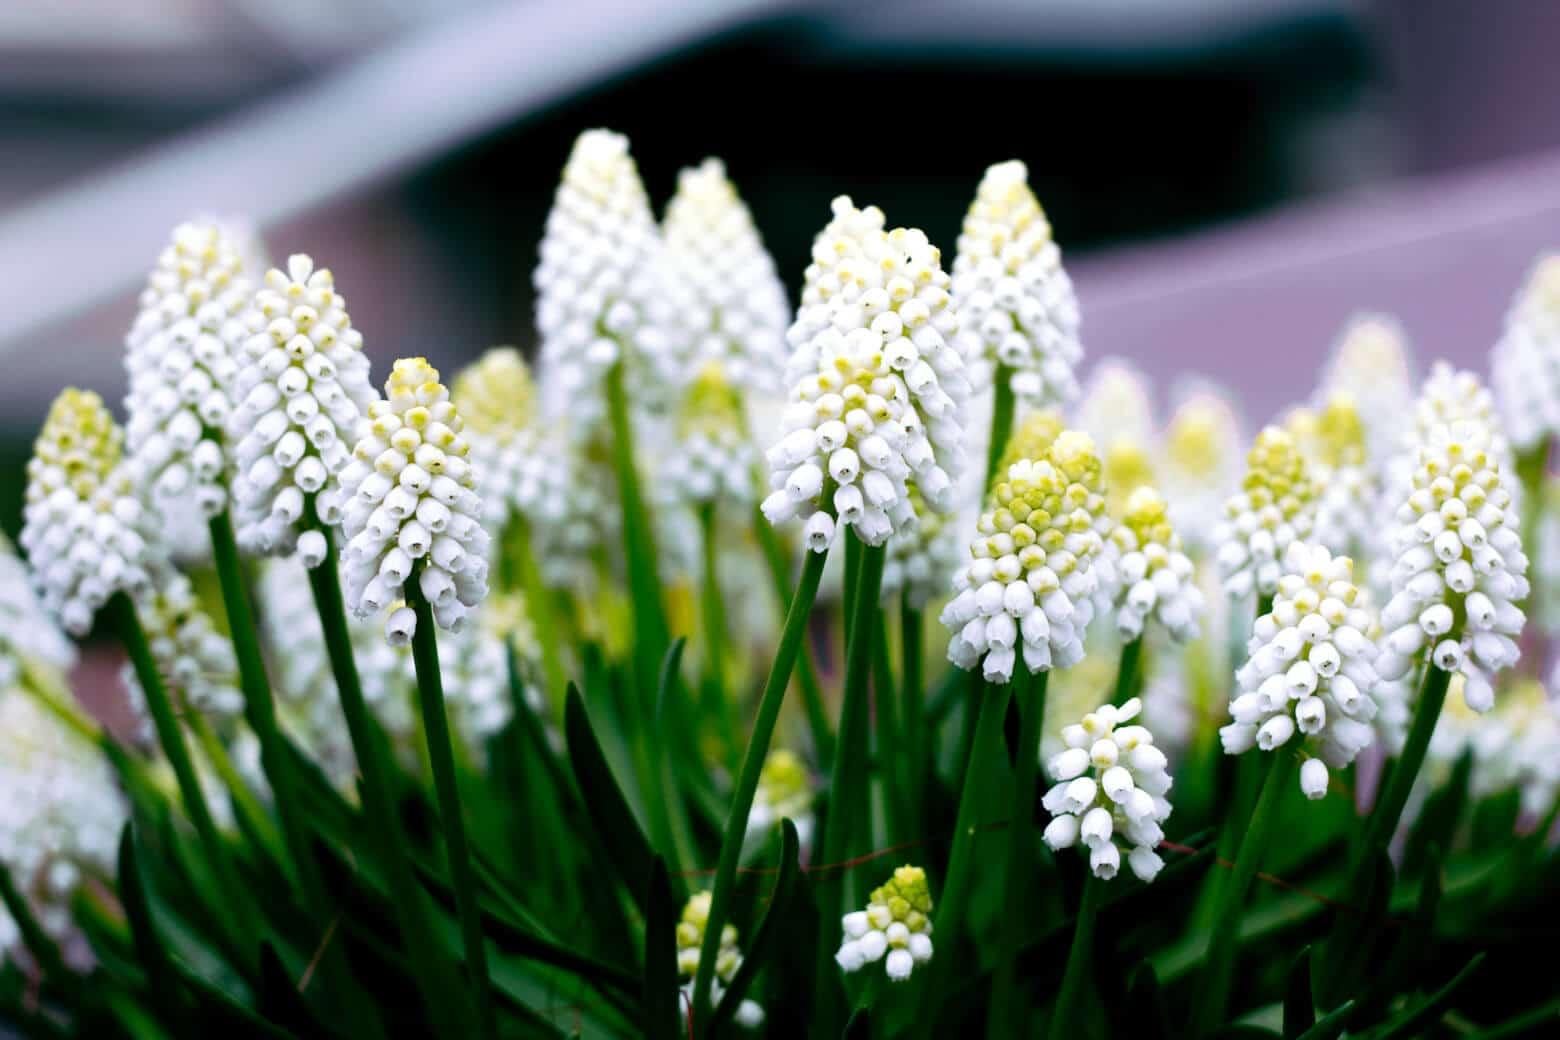 White Grape Hyacinths at Keukenhof